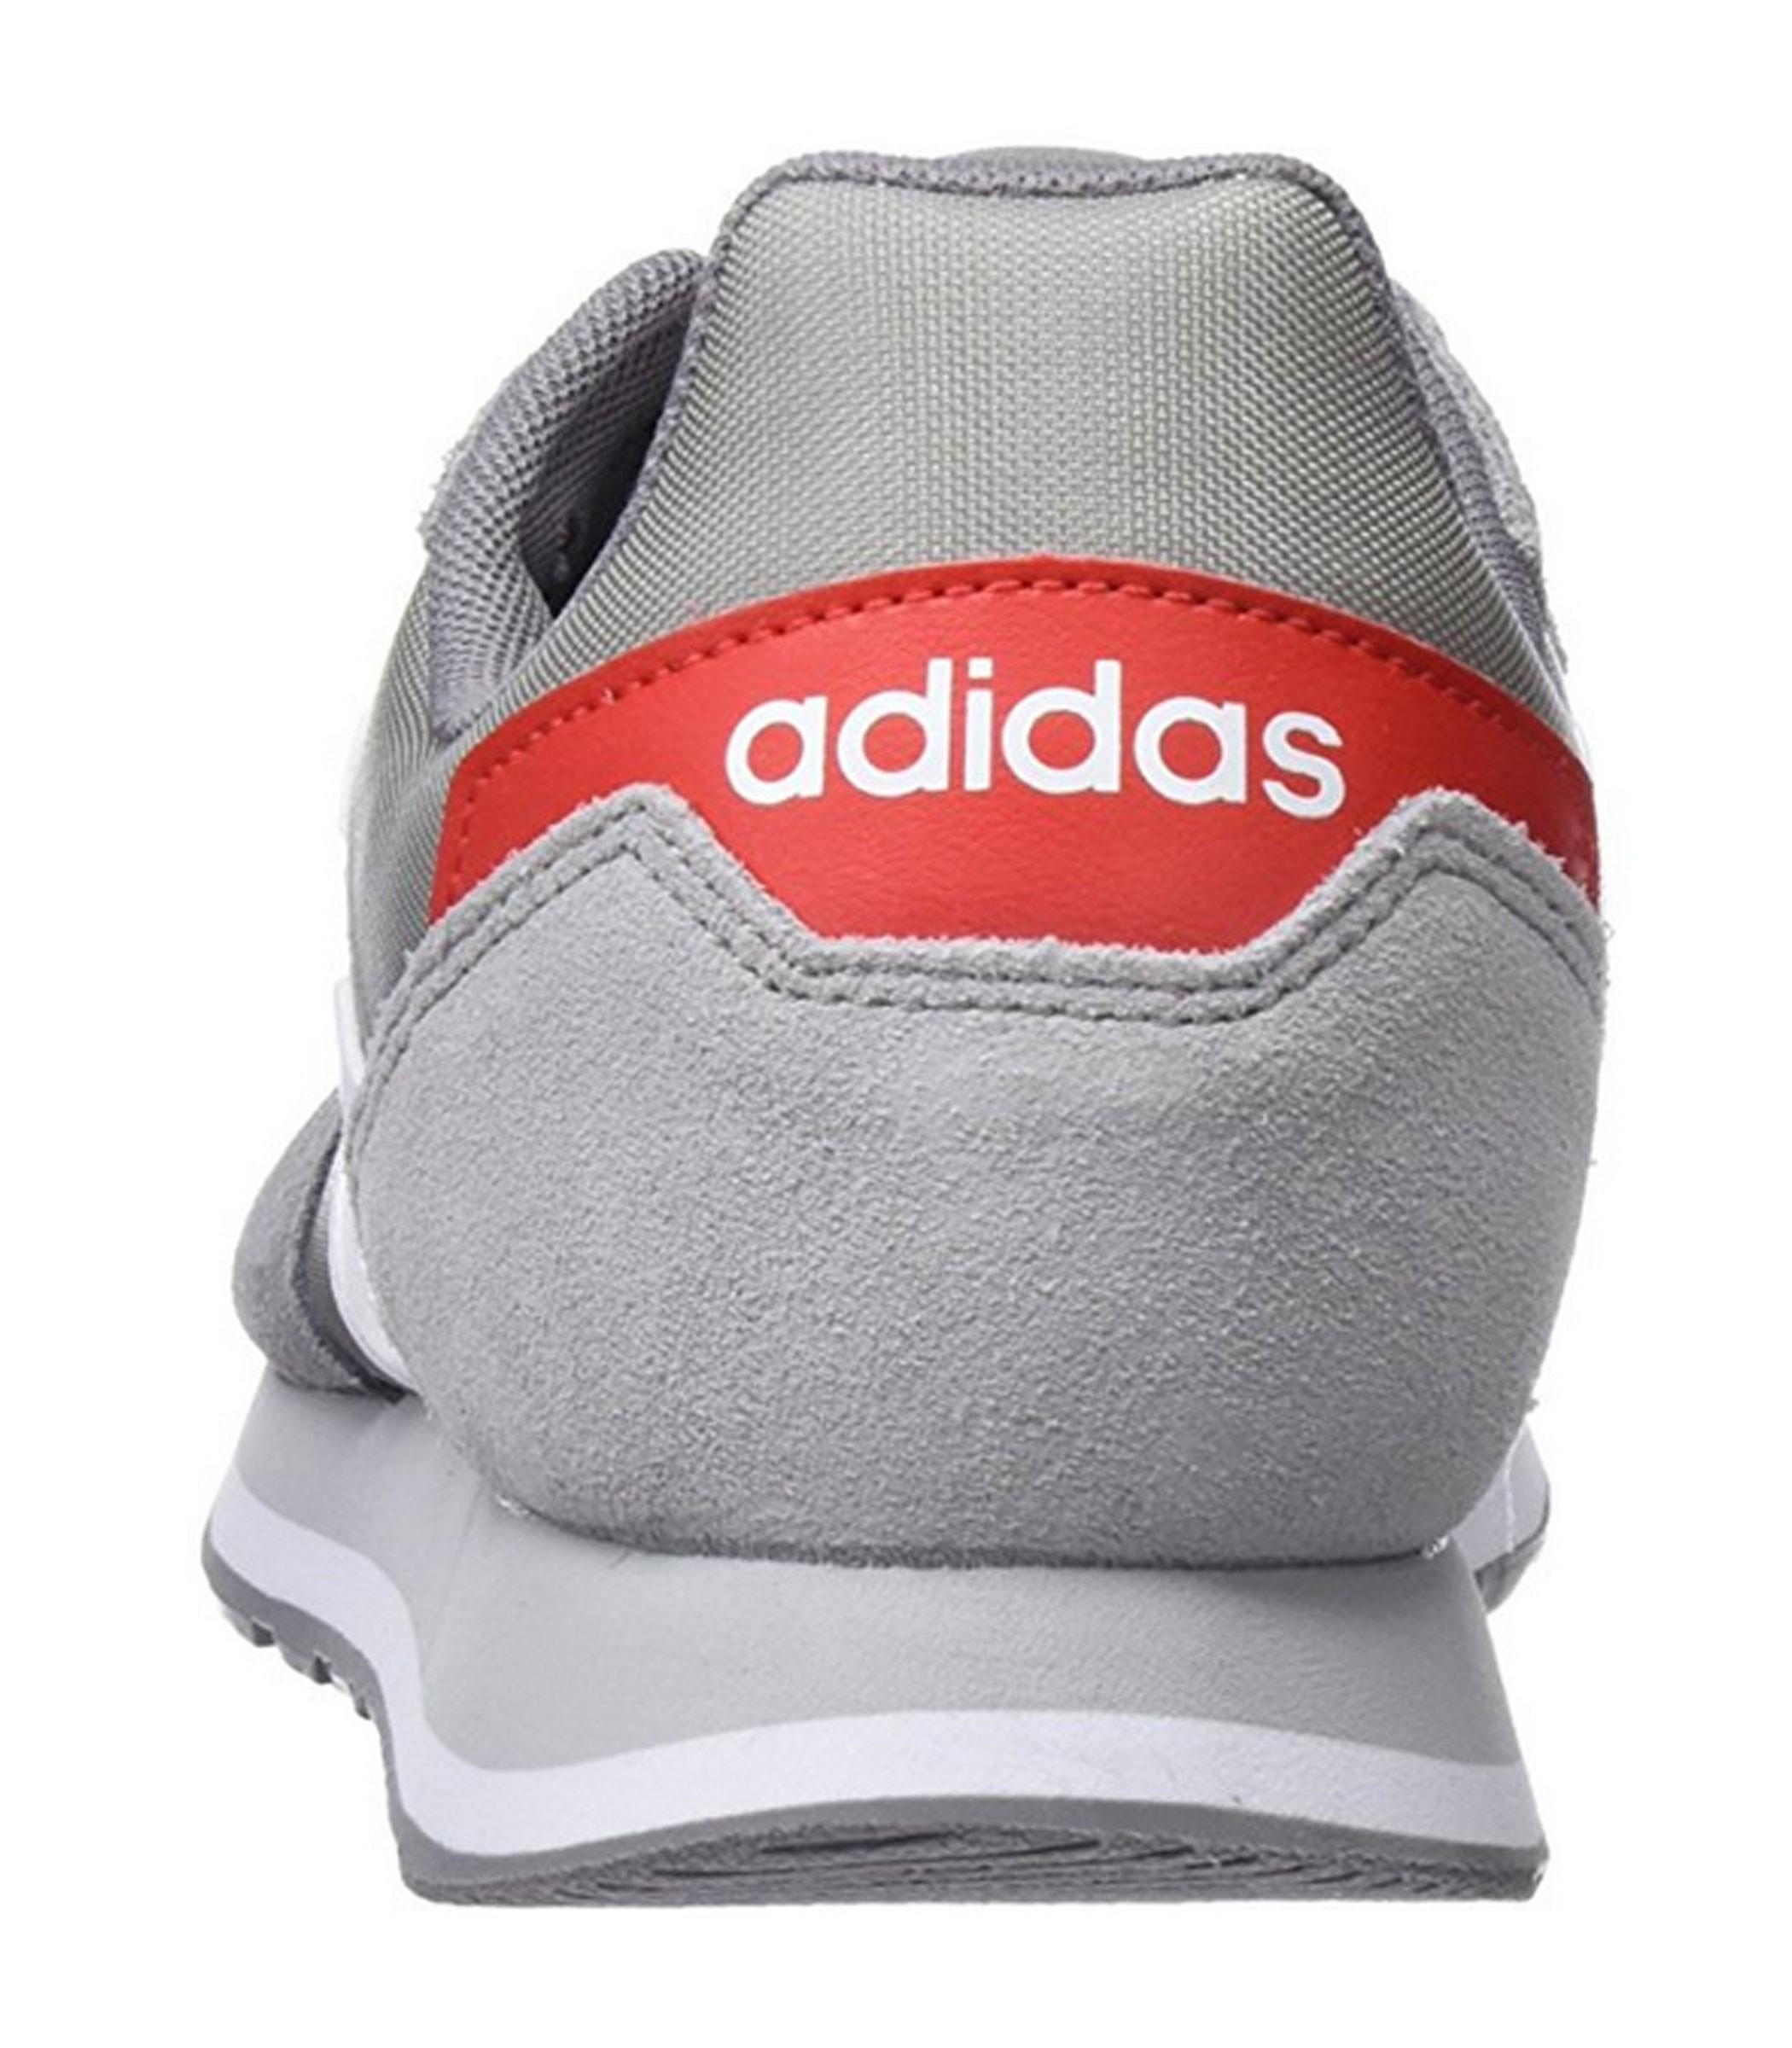 scarpe adidas db1730